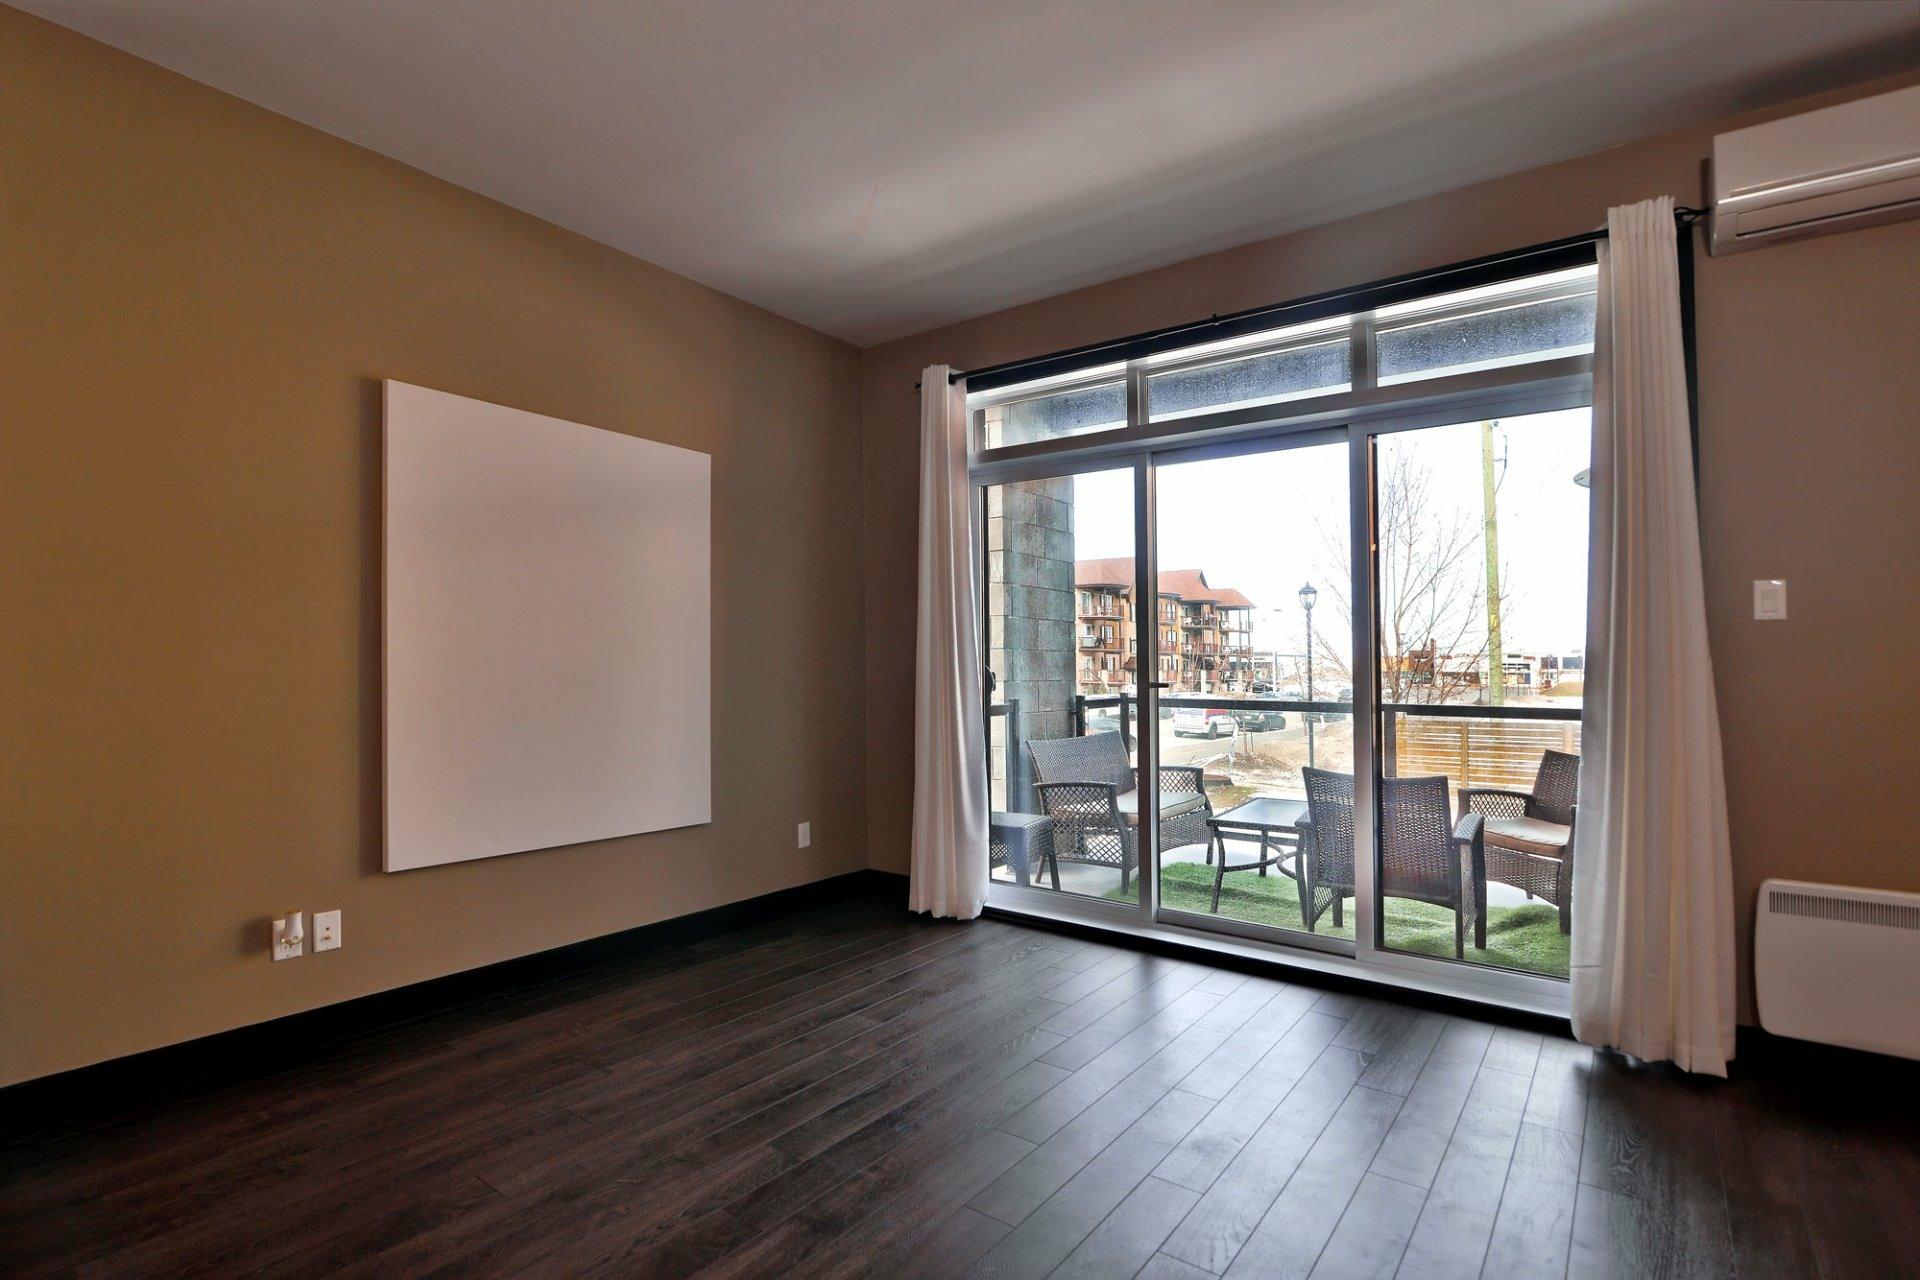 image 8 - Appartement À vendre Vaudreuil-Dorion - 6 pièces